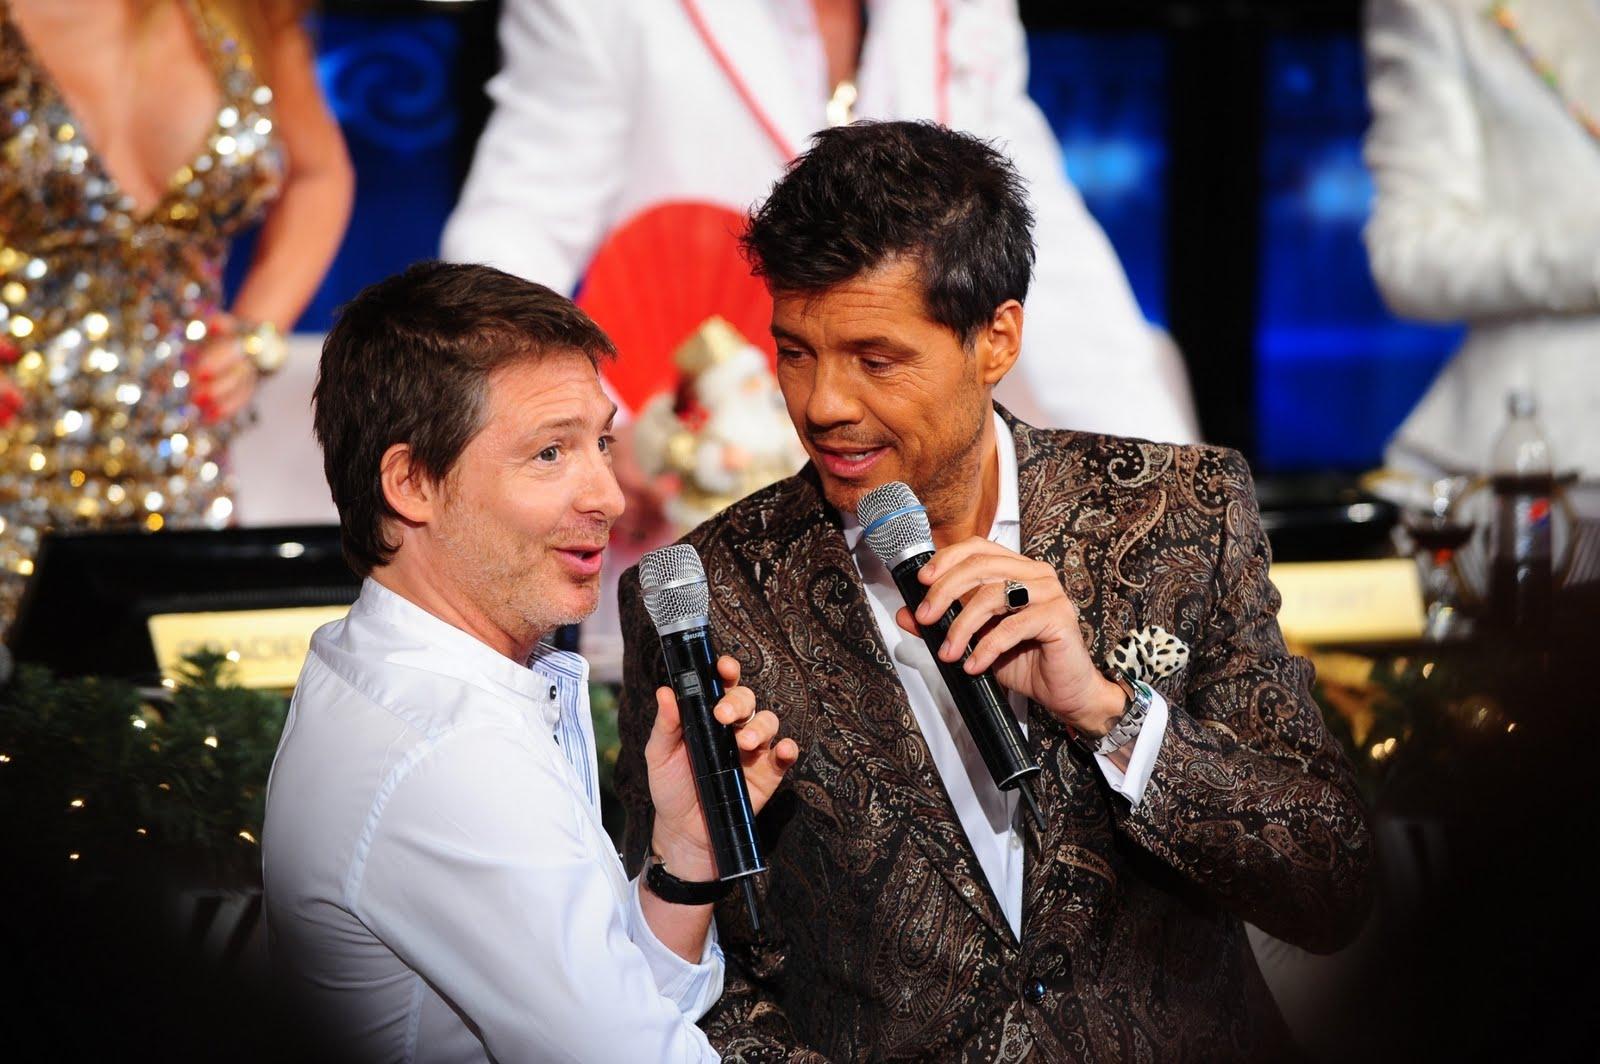 Todo sobre el trato de Adrián Suar y Marcelo Tinelli